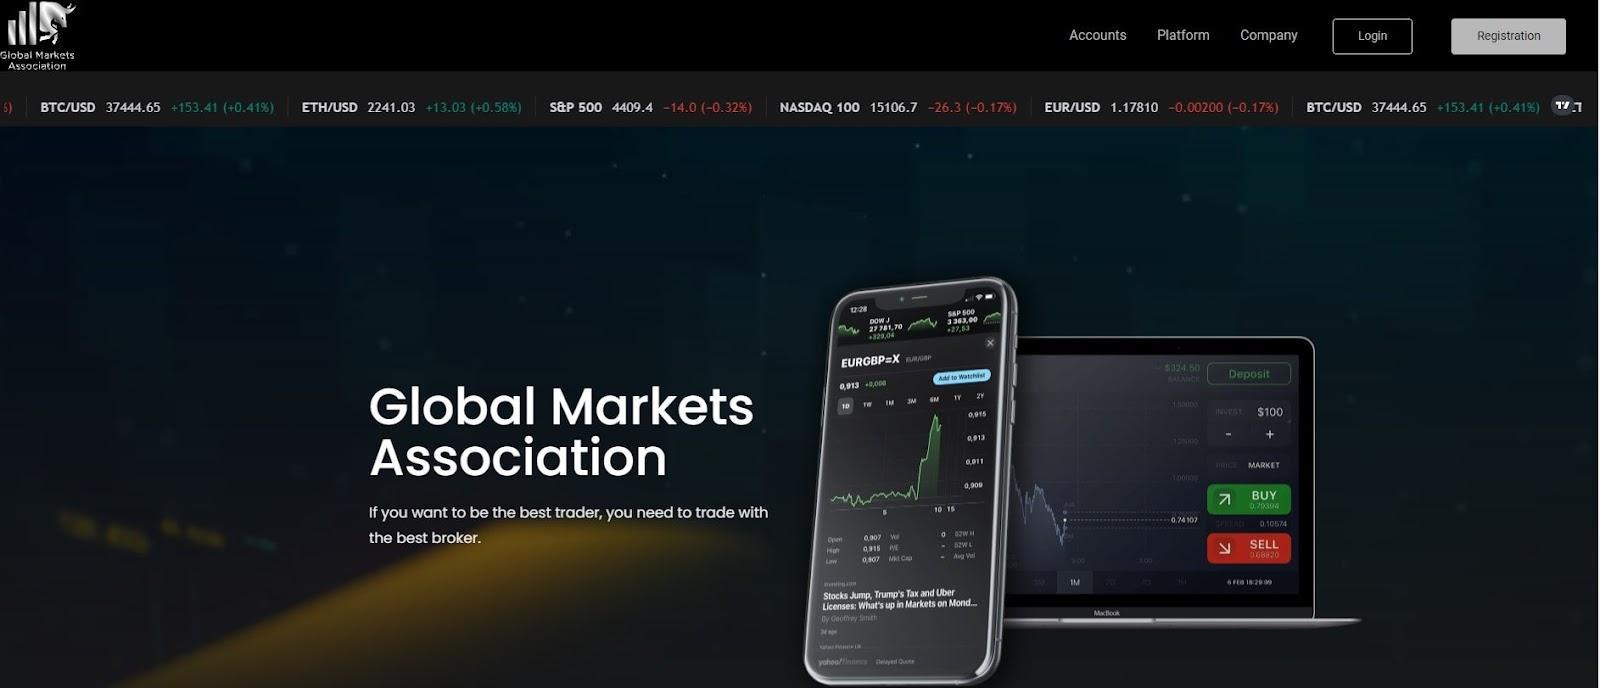 Global Market Association: отзывы, обзор торговых условий и деятельности